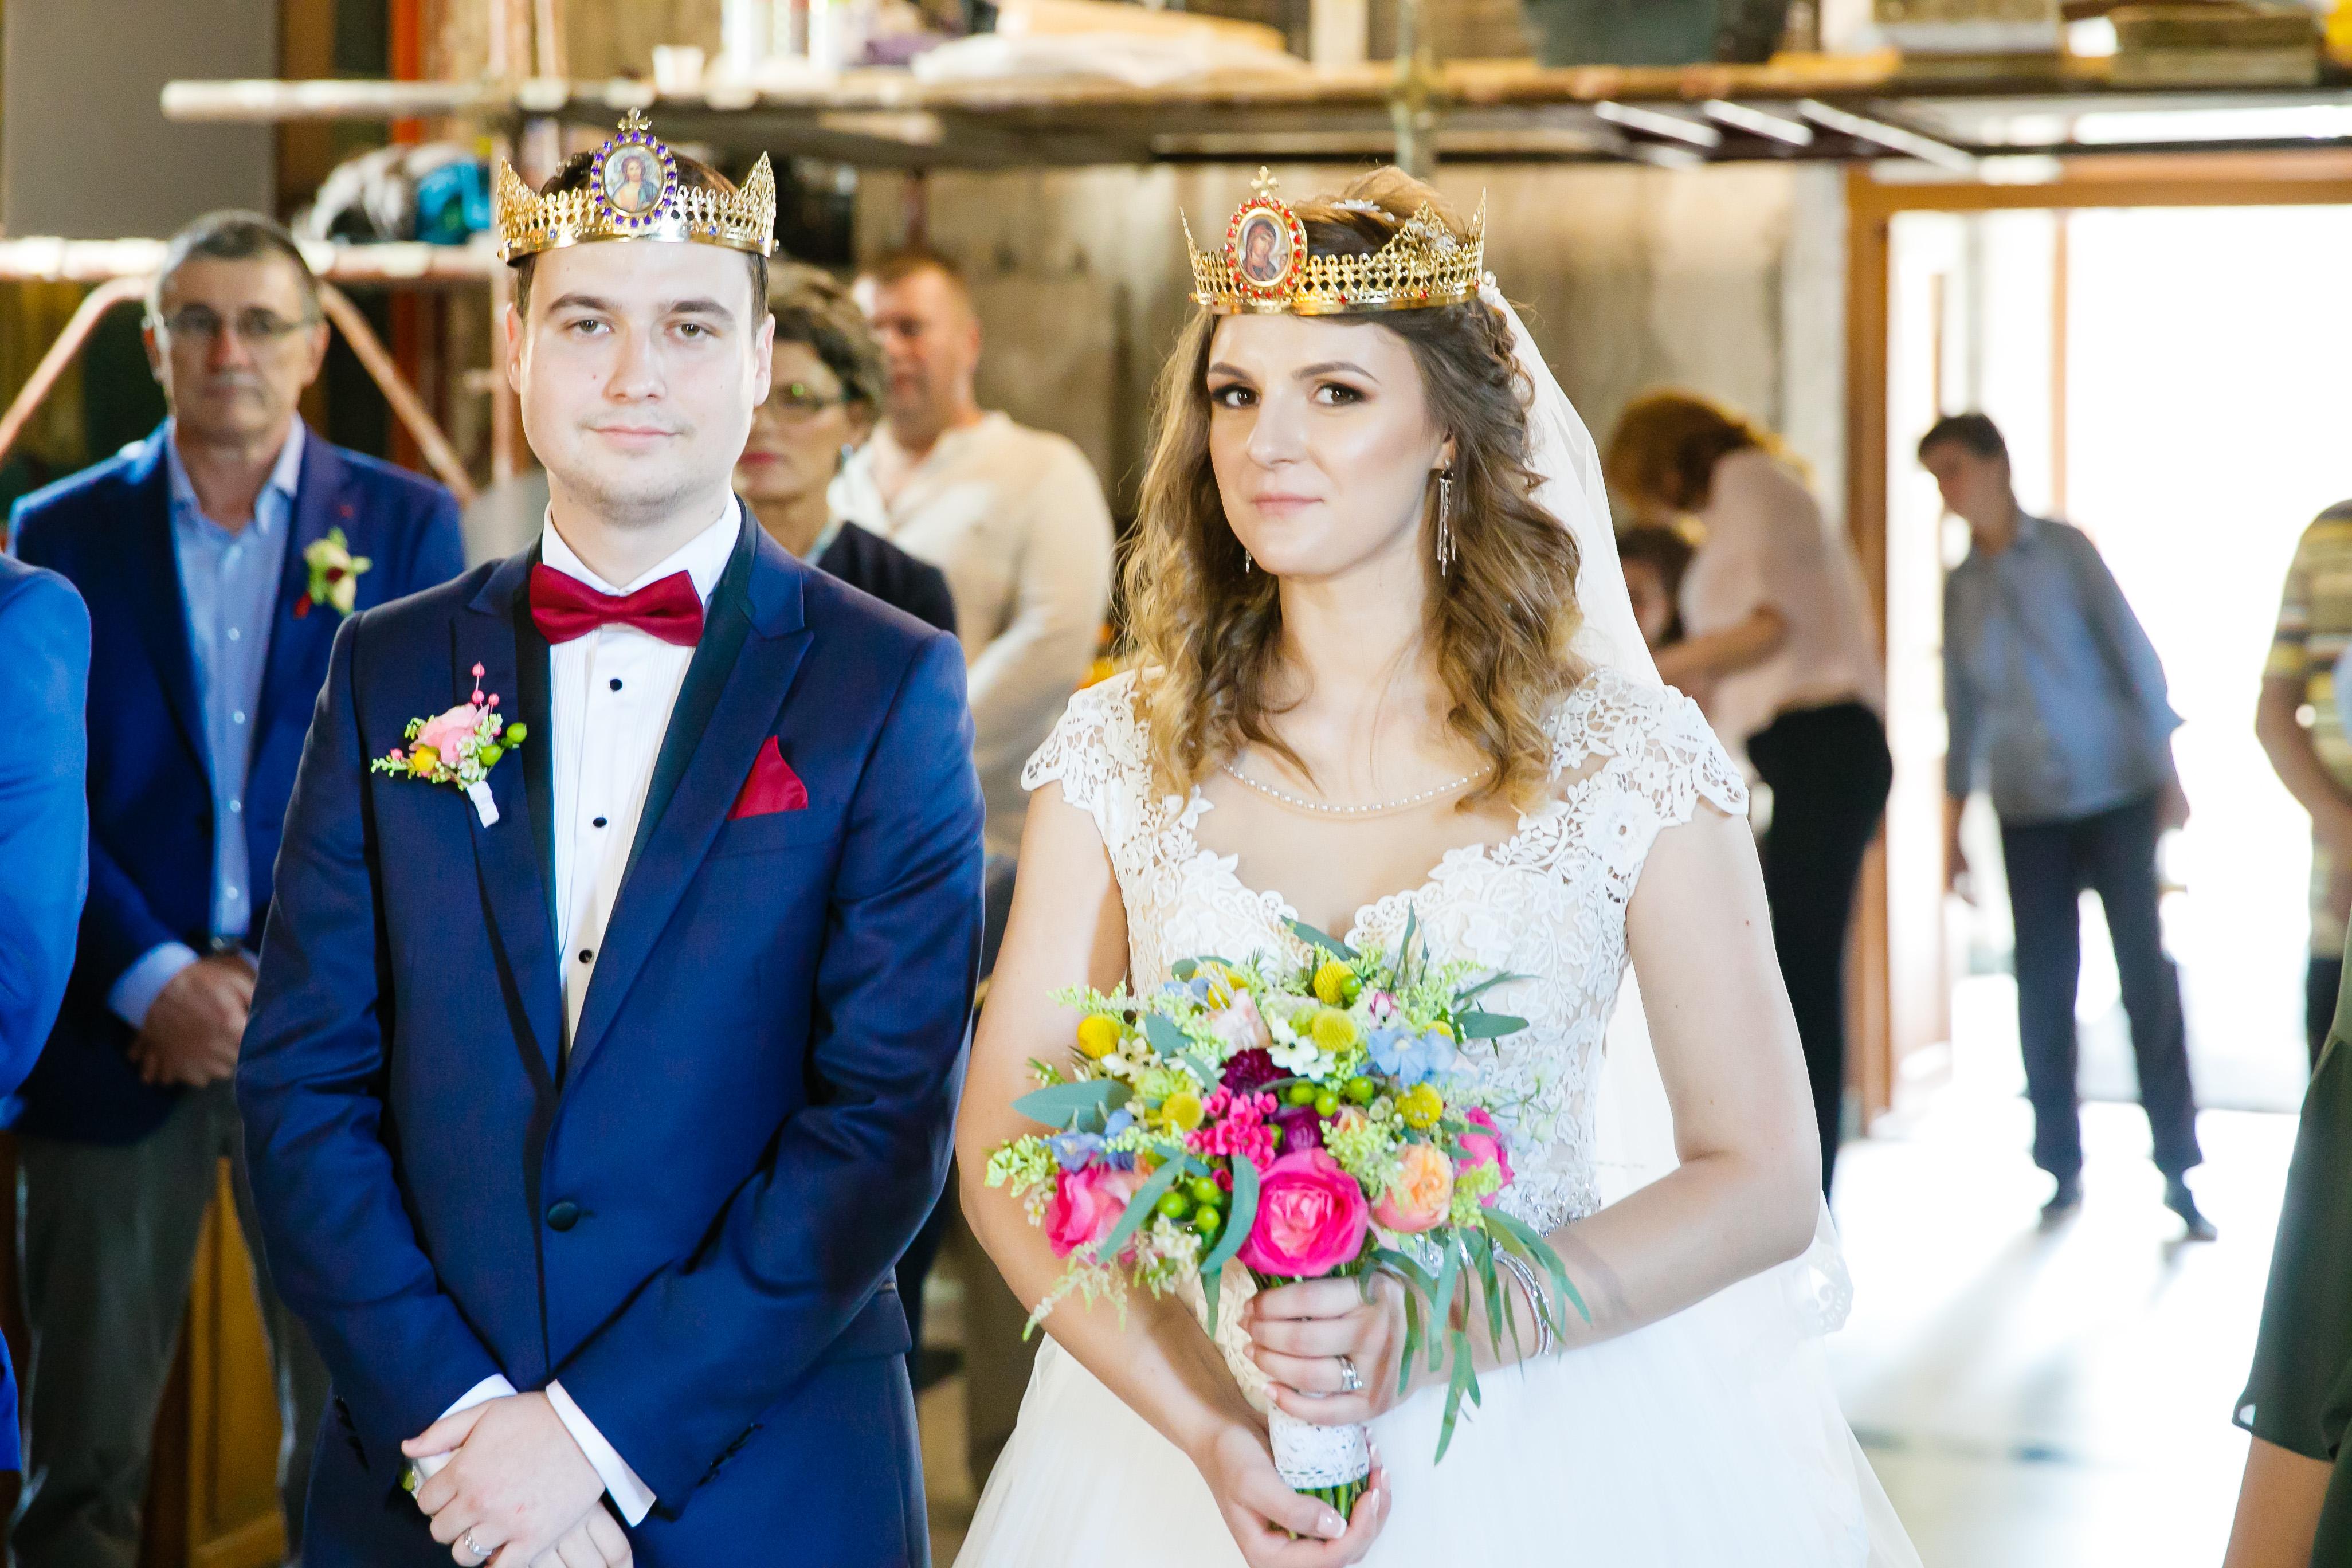 Alexandra si Vlad nunta Pleiada cununia religiosa - fotograf nunta iasi www.paulpadurariu.ro © 2017 Paul Padurariu